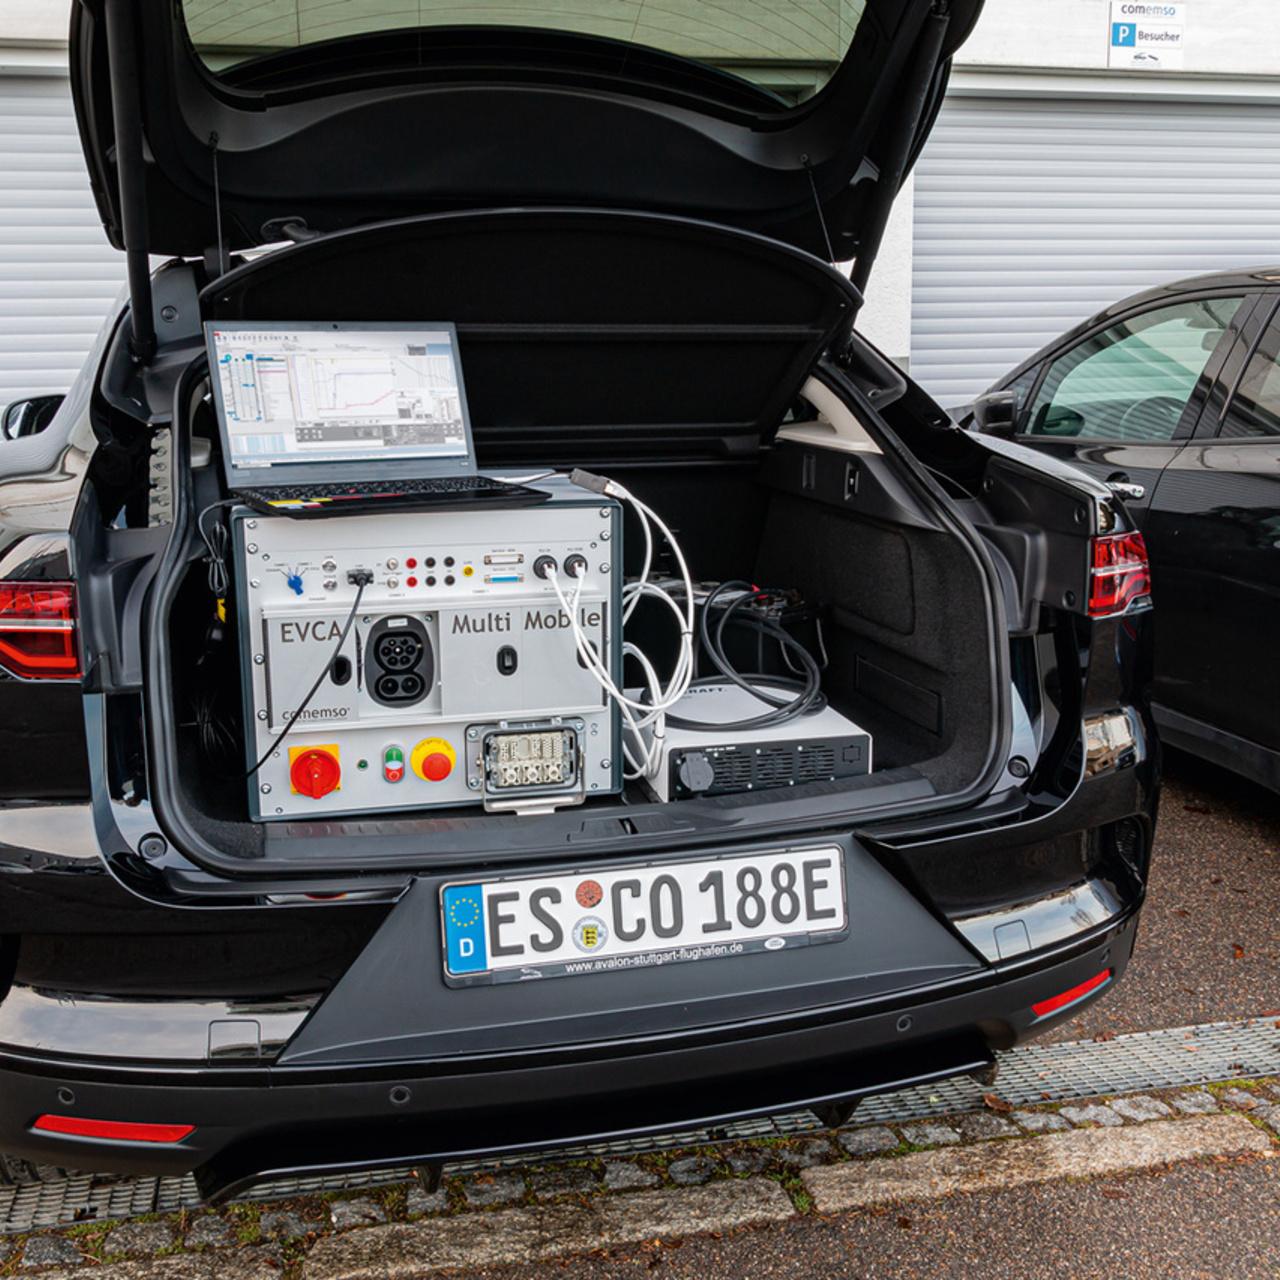 The comemso EVCA Multi Mobile - mobile measuring laboratory in the trunk.